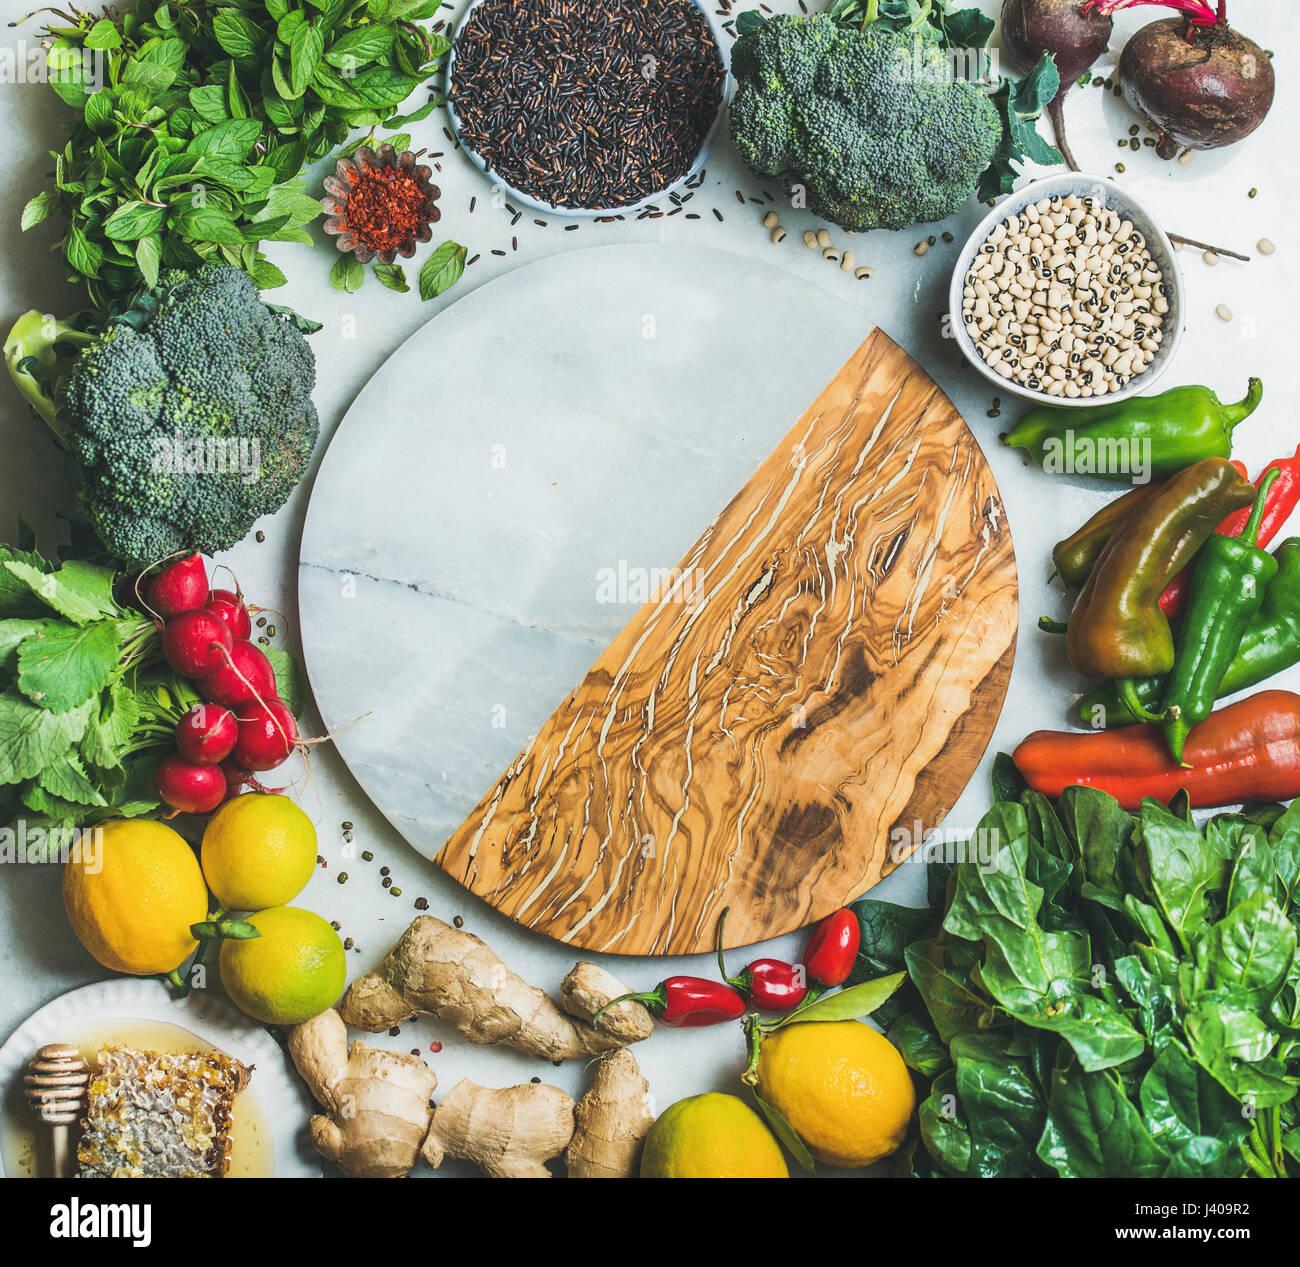 Nettoyer la cuisine saine alimentation ingrédients avec copie espace dans le centre Photo Stock